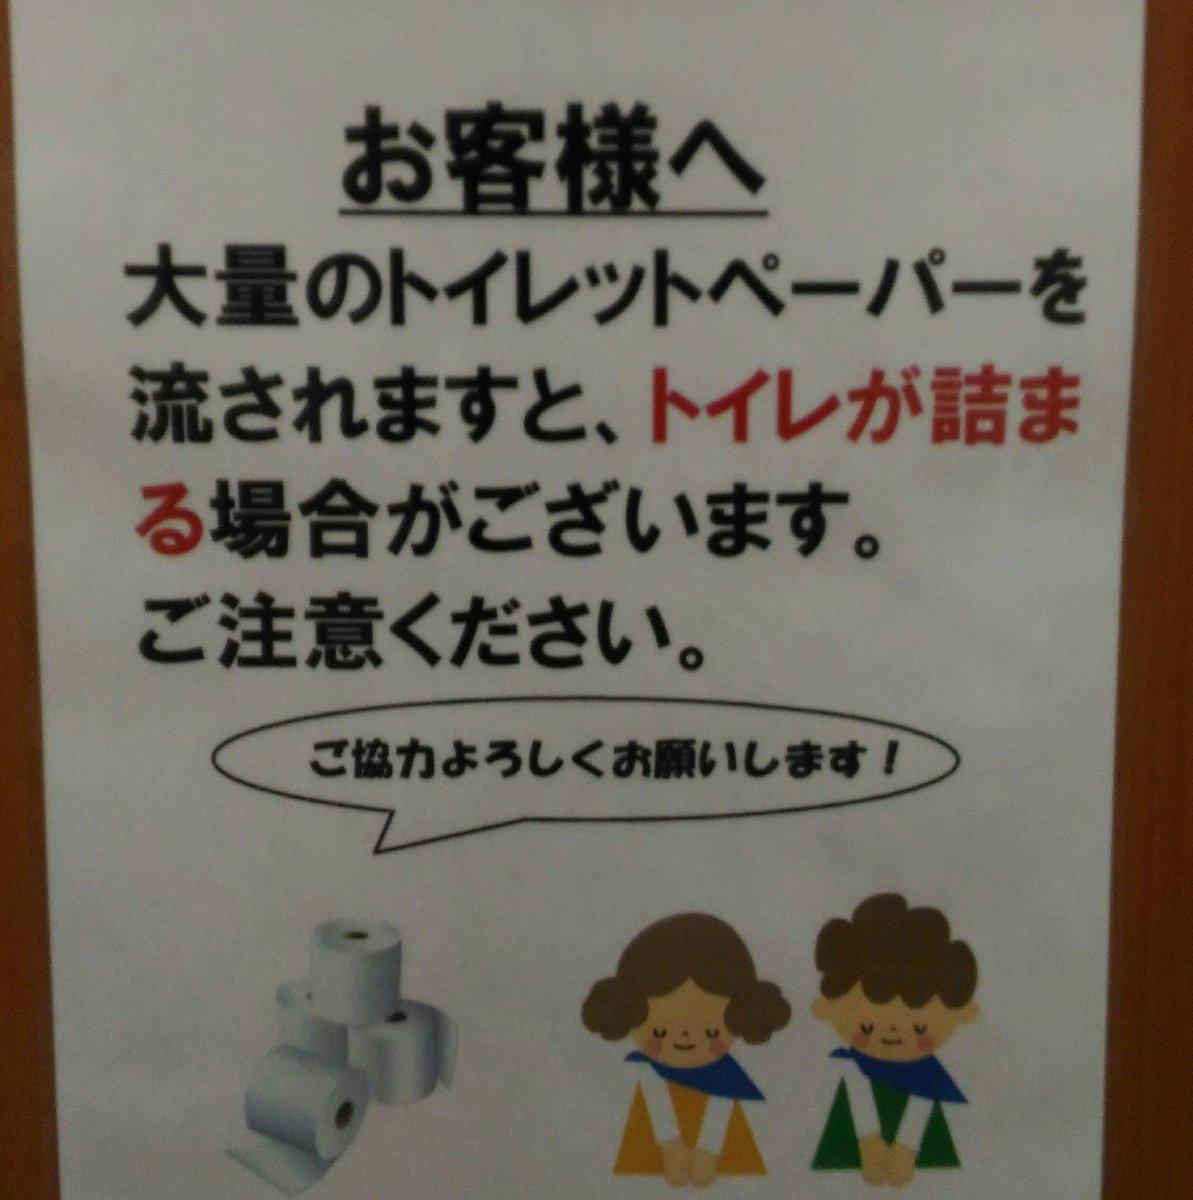 え、そっちが喋るの?お店のトイレの張り紙がかなりおもしろい